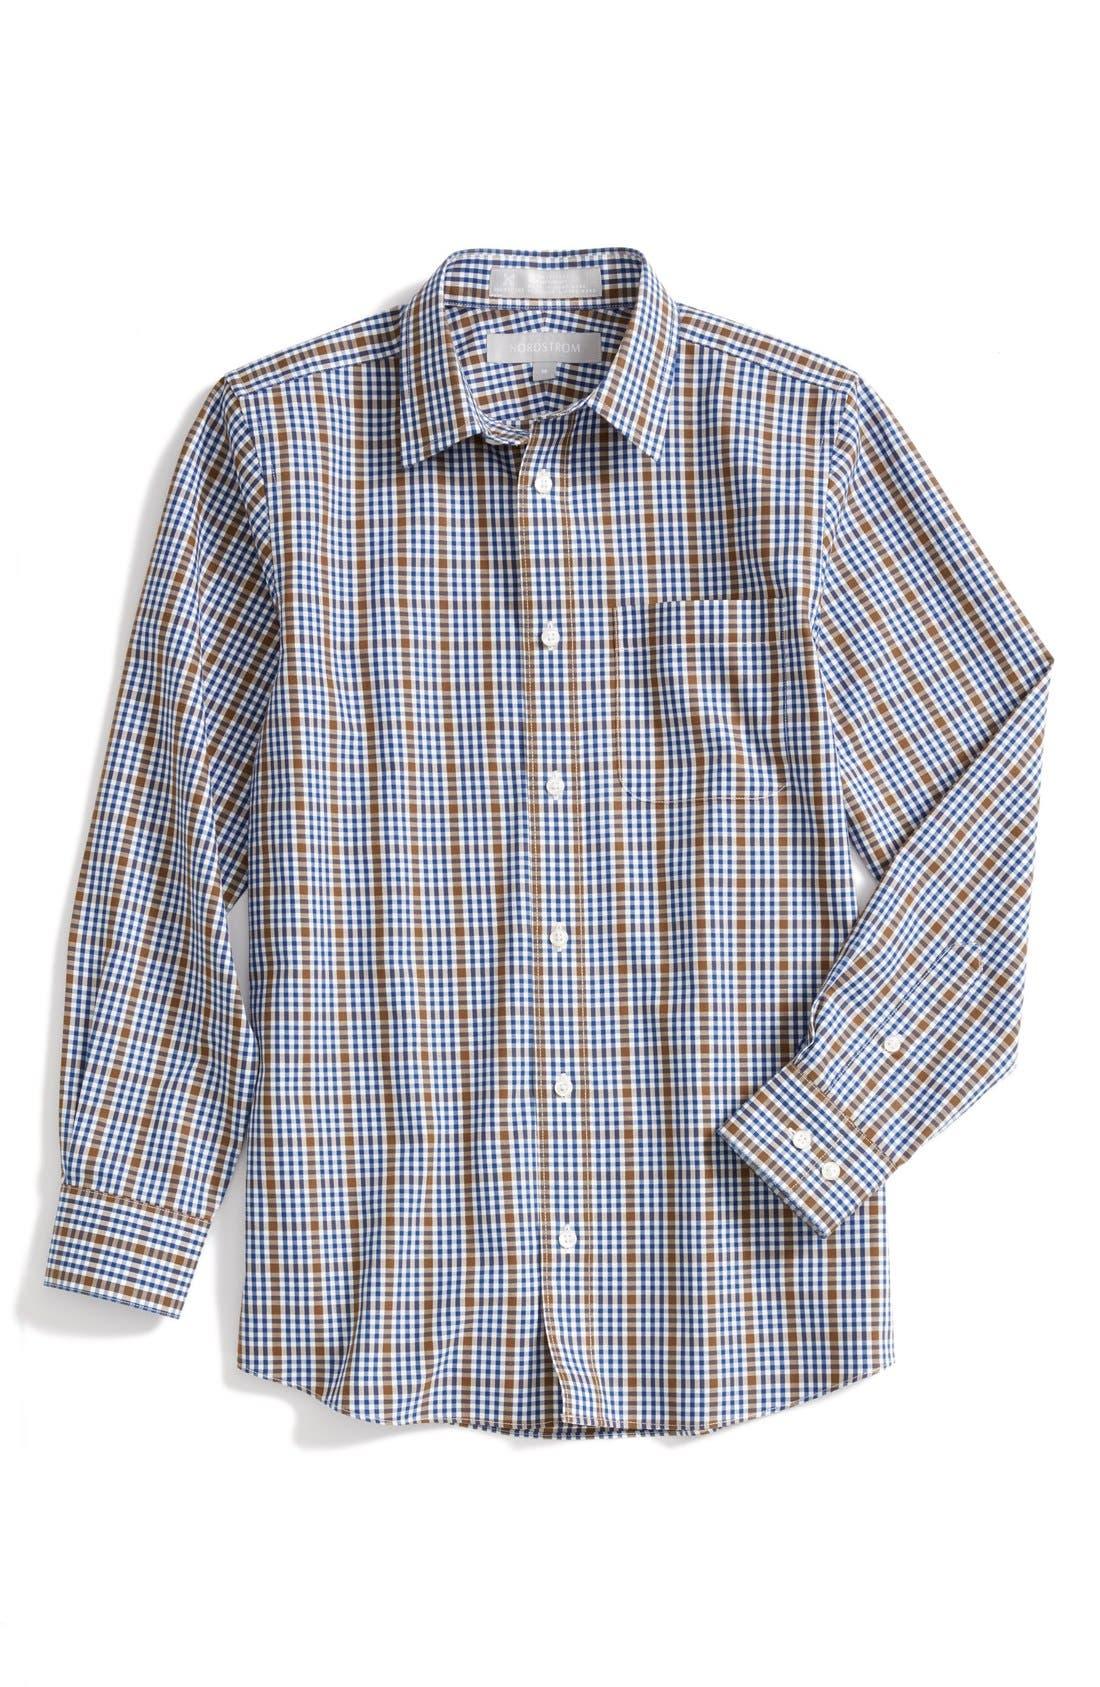 Alternate Image 1 Selected - Nordstrom Smartcare™ Dress Shirt (Little Boys & Big Boys)